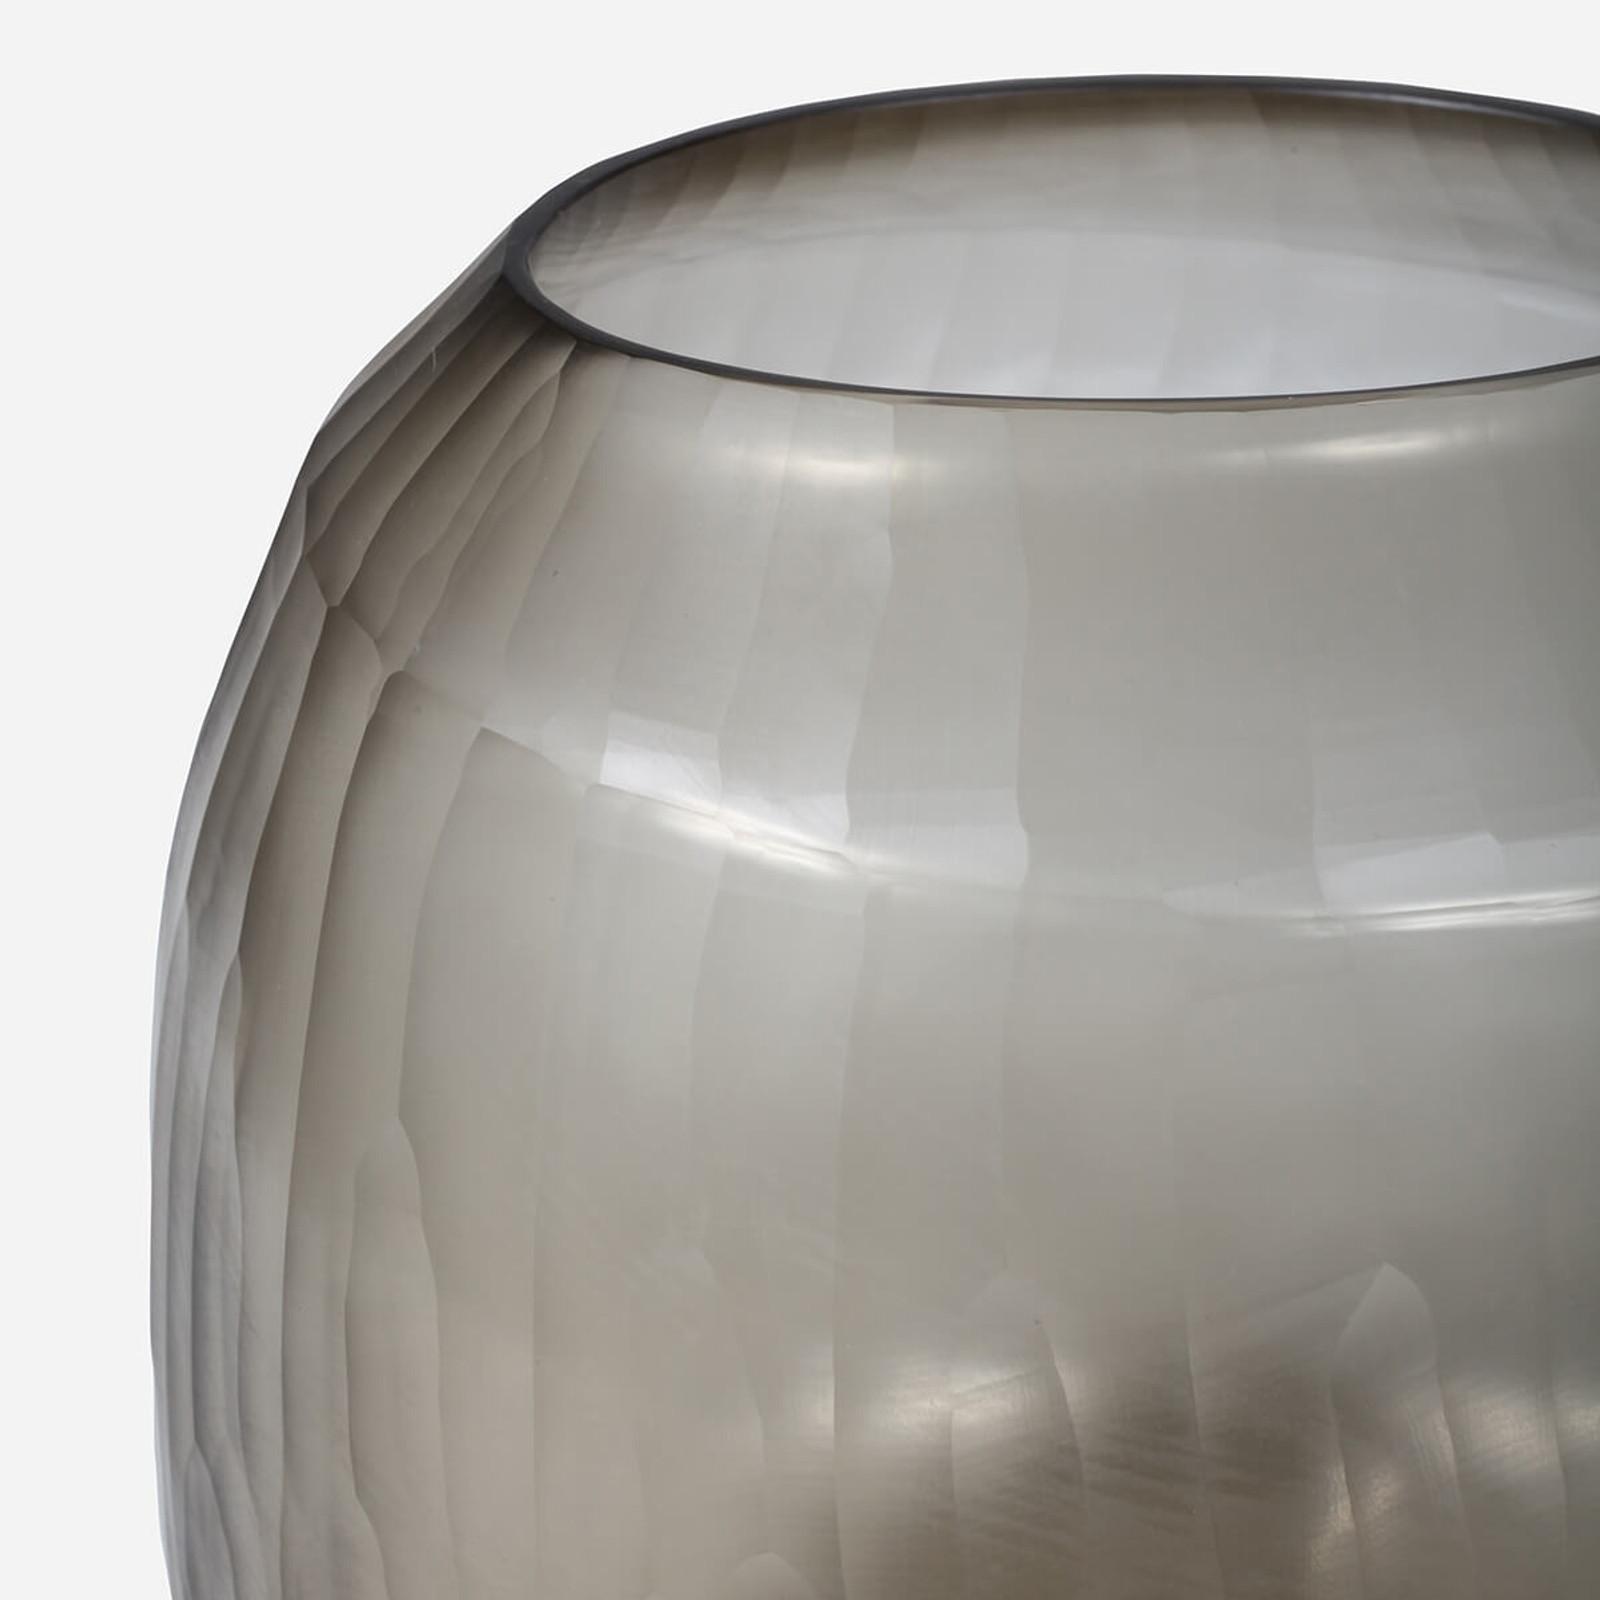 Rhone Large Vase, Smoke